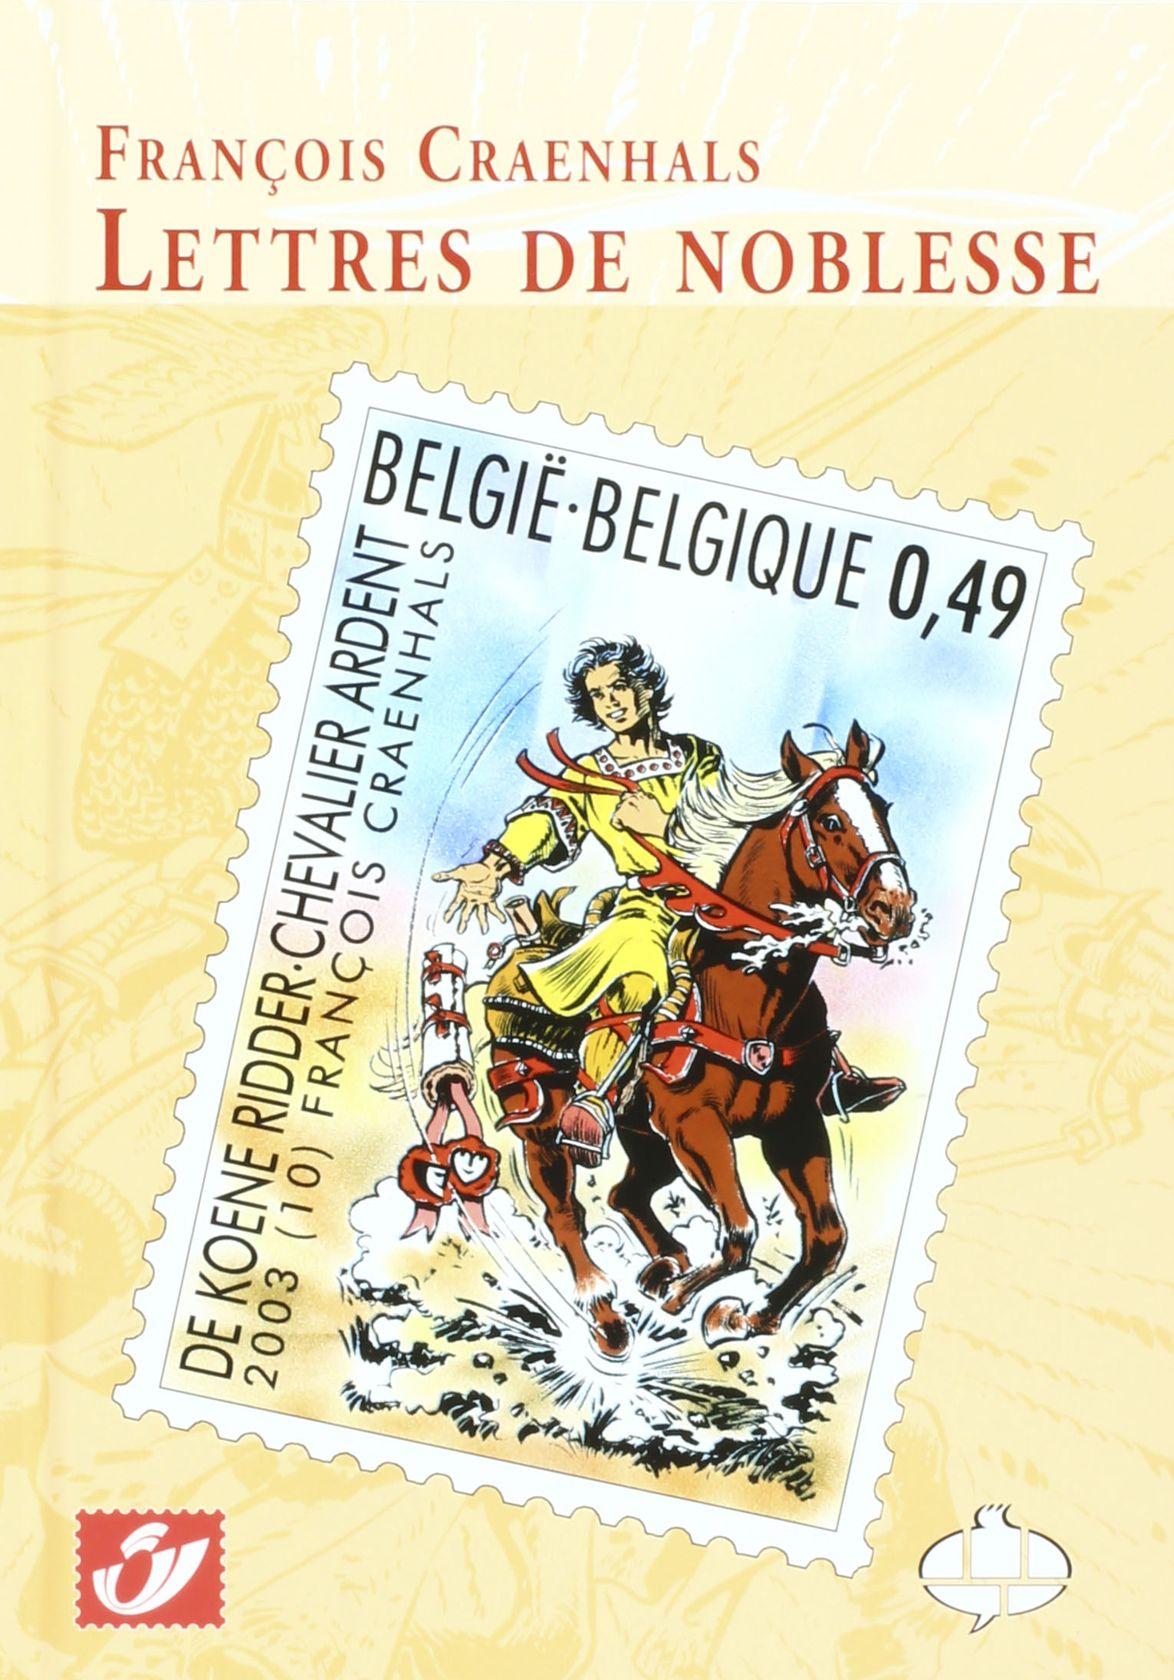 Album + timbres Chevalier Ardent François Craenhals, Lettres de Noblesse